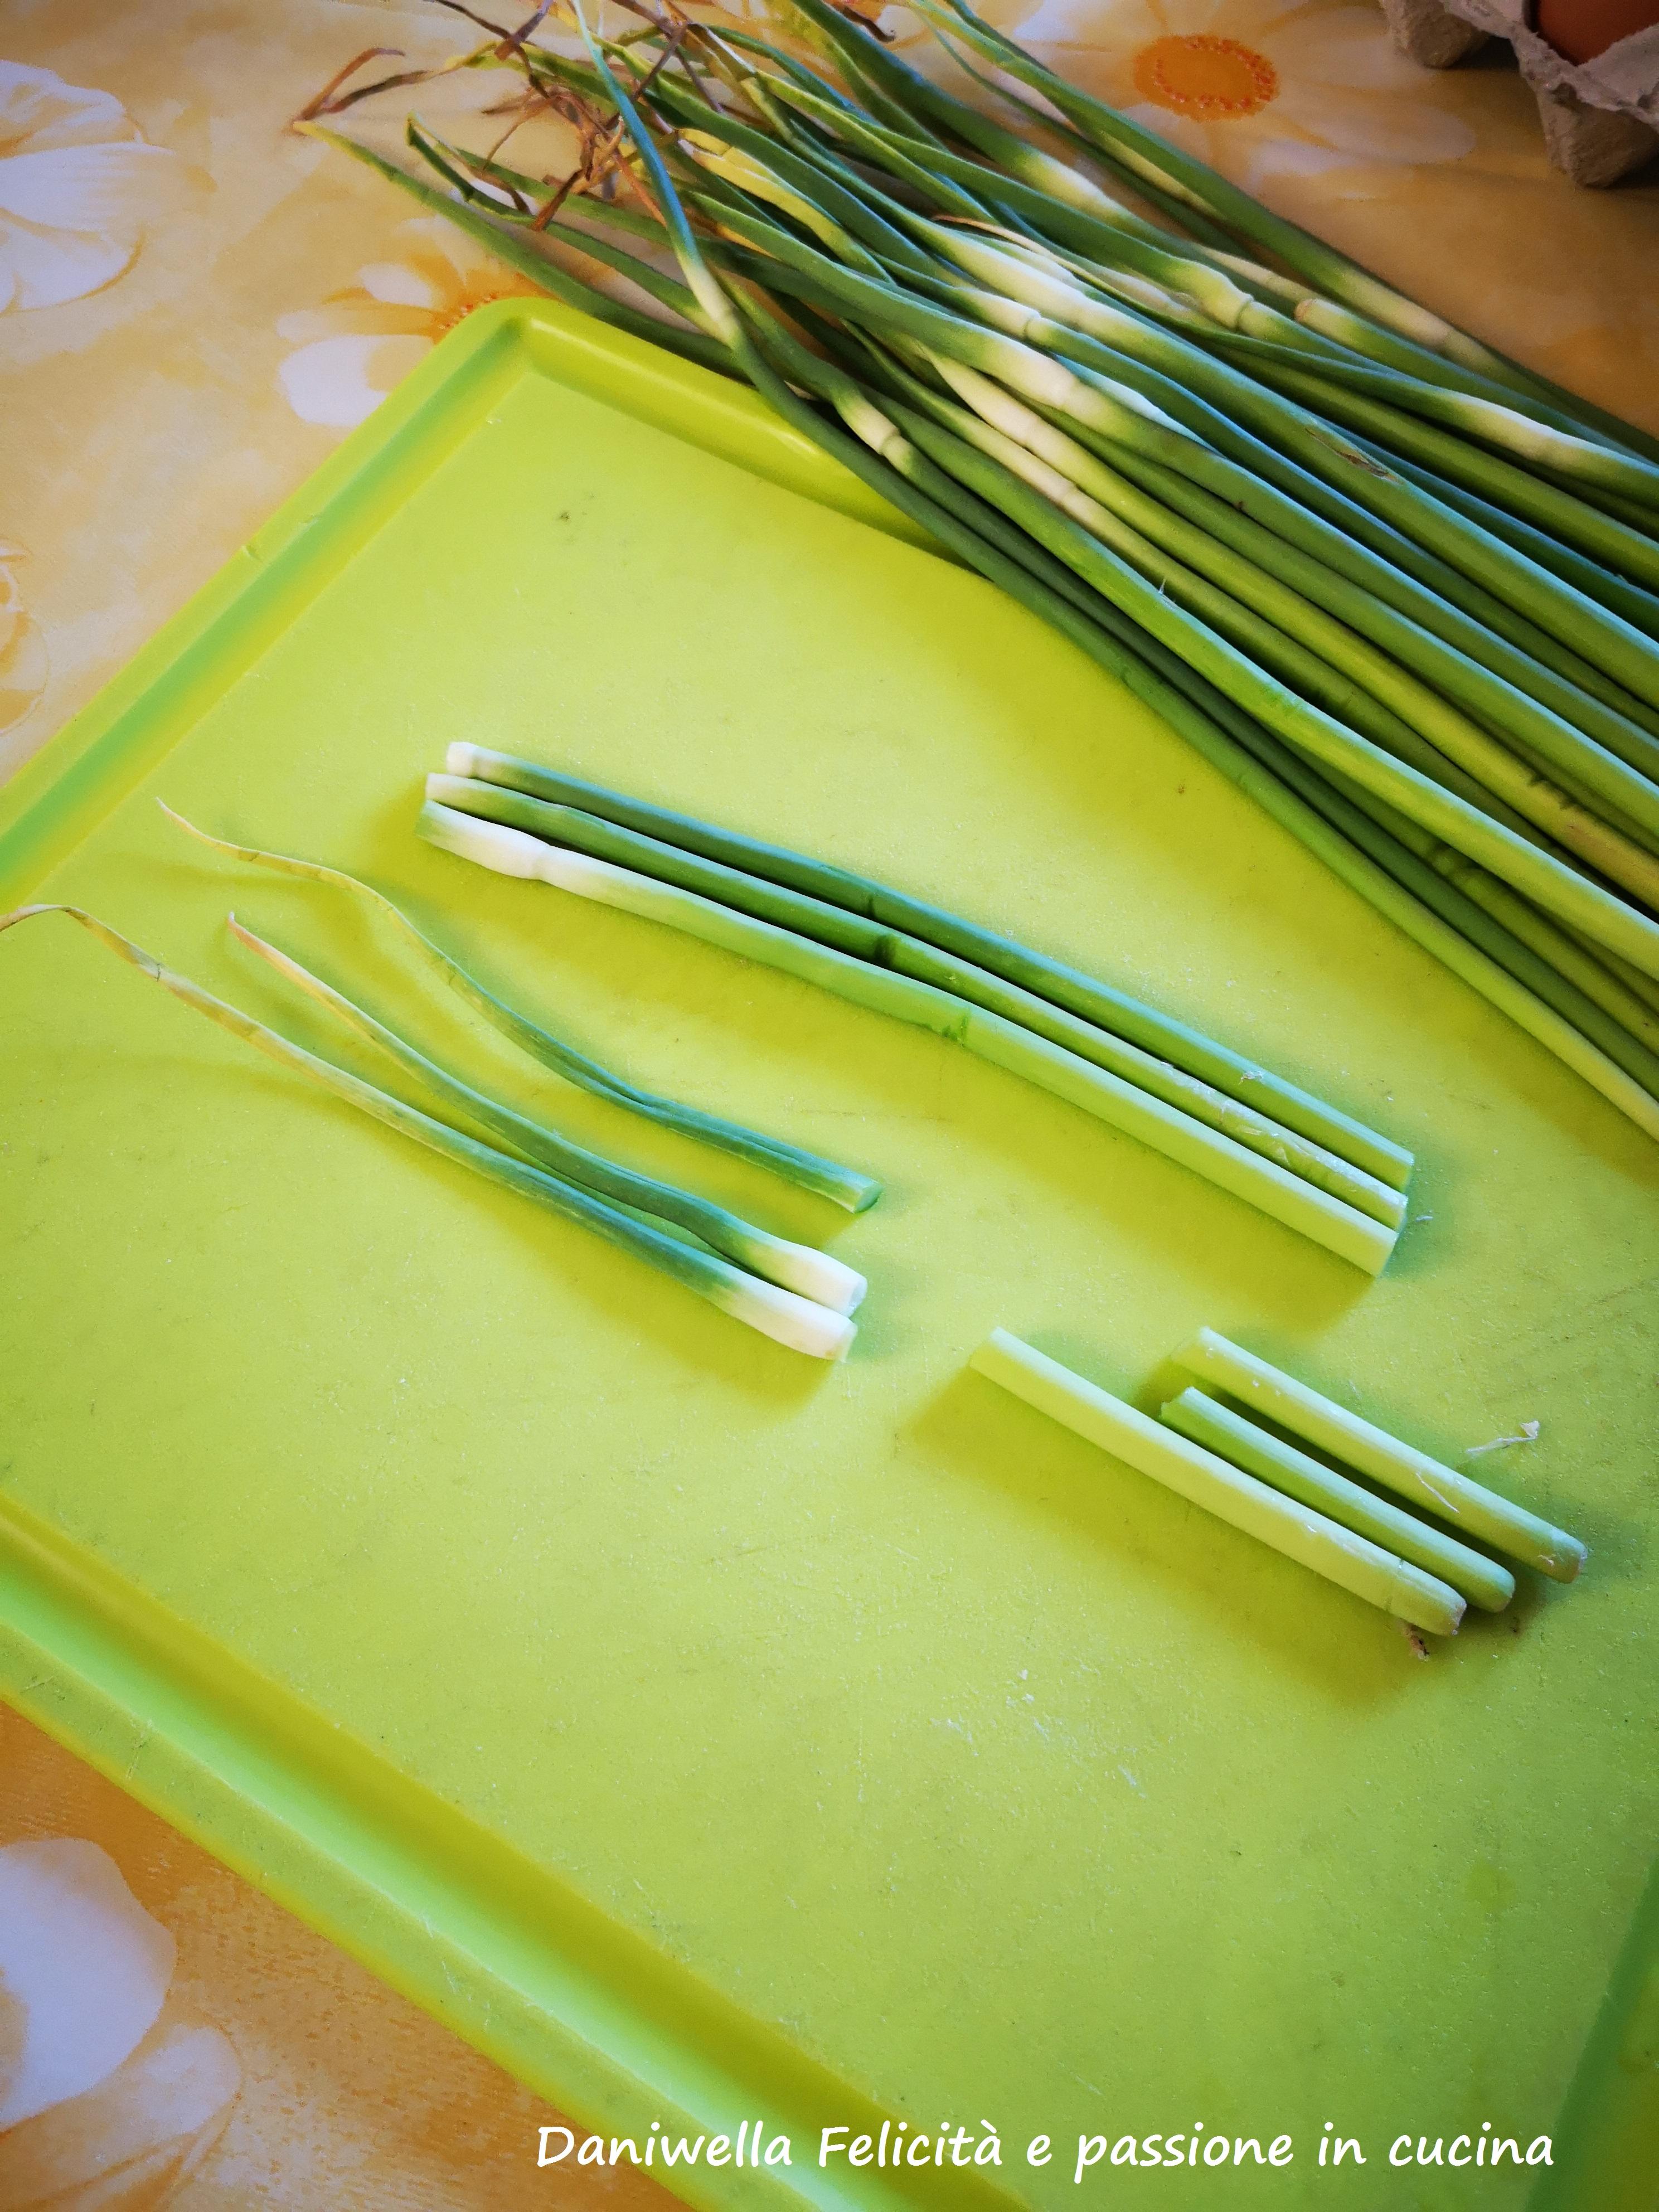 Mondate e lavate sotto acqua corrente le tolle dell'aglio. Eliminate la punta e la base. Utilizzate solo la parte centrale più morbida.